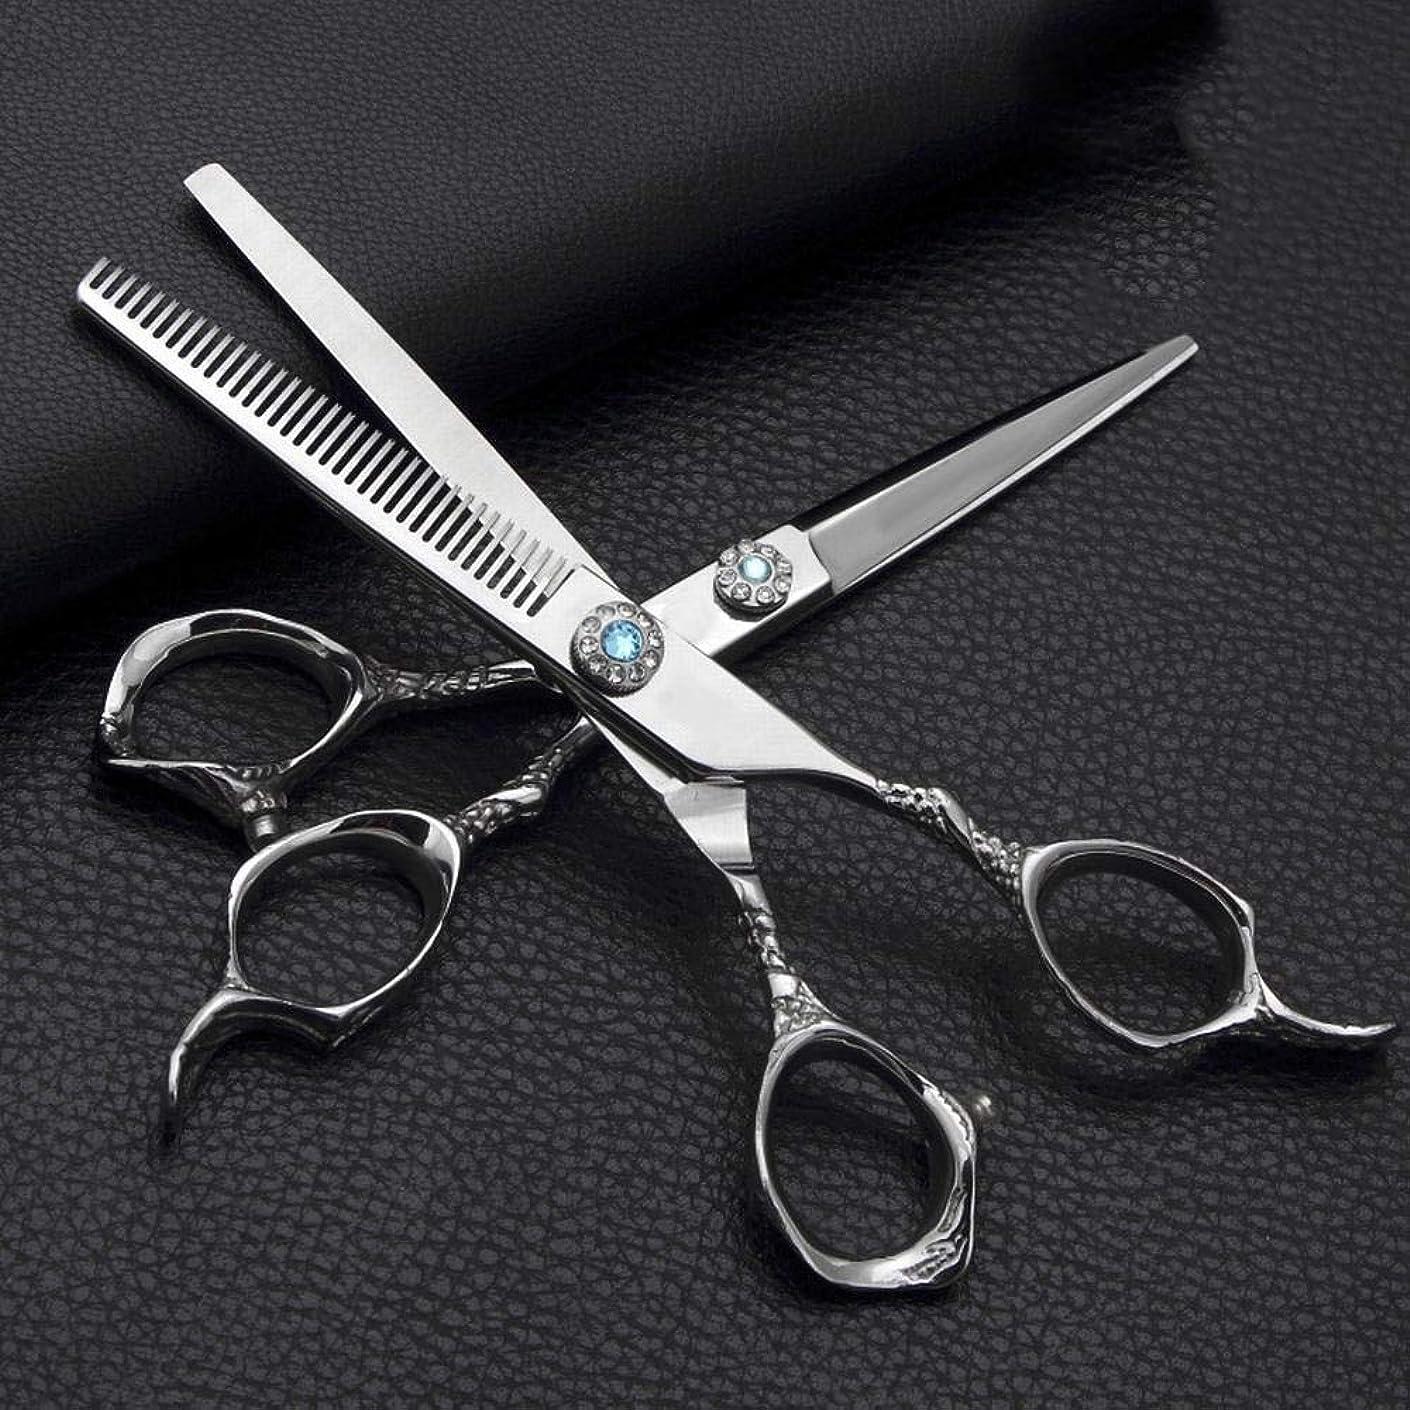 あなたのもの悪化させる食物6.0インチ理髪はさみ、ステンレス鋼フラットせん断+歯はさみ理髪はさみツールセット モデリングツール (色 : Silver)